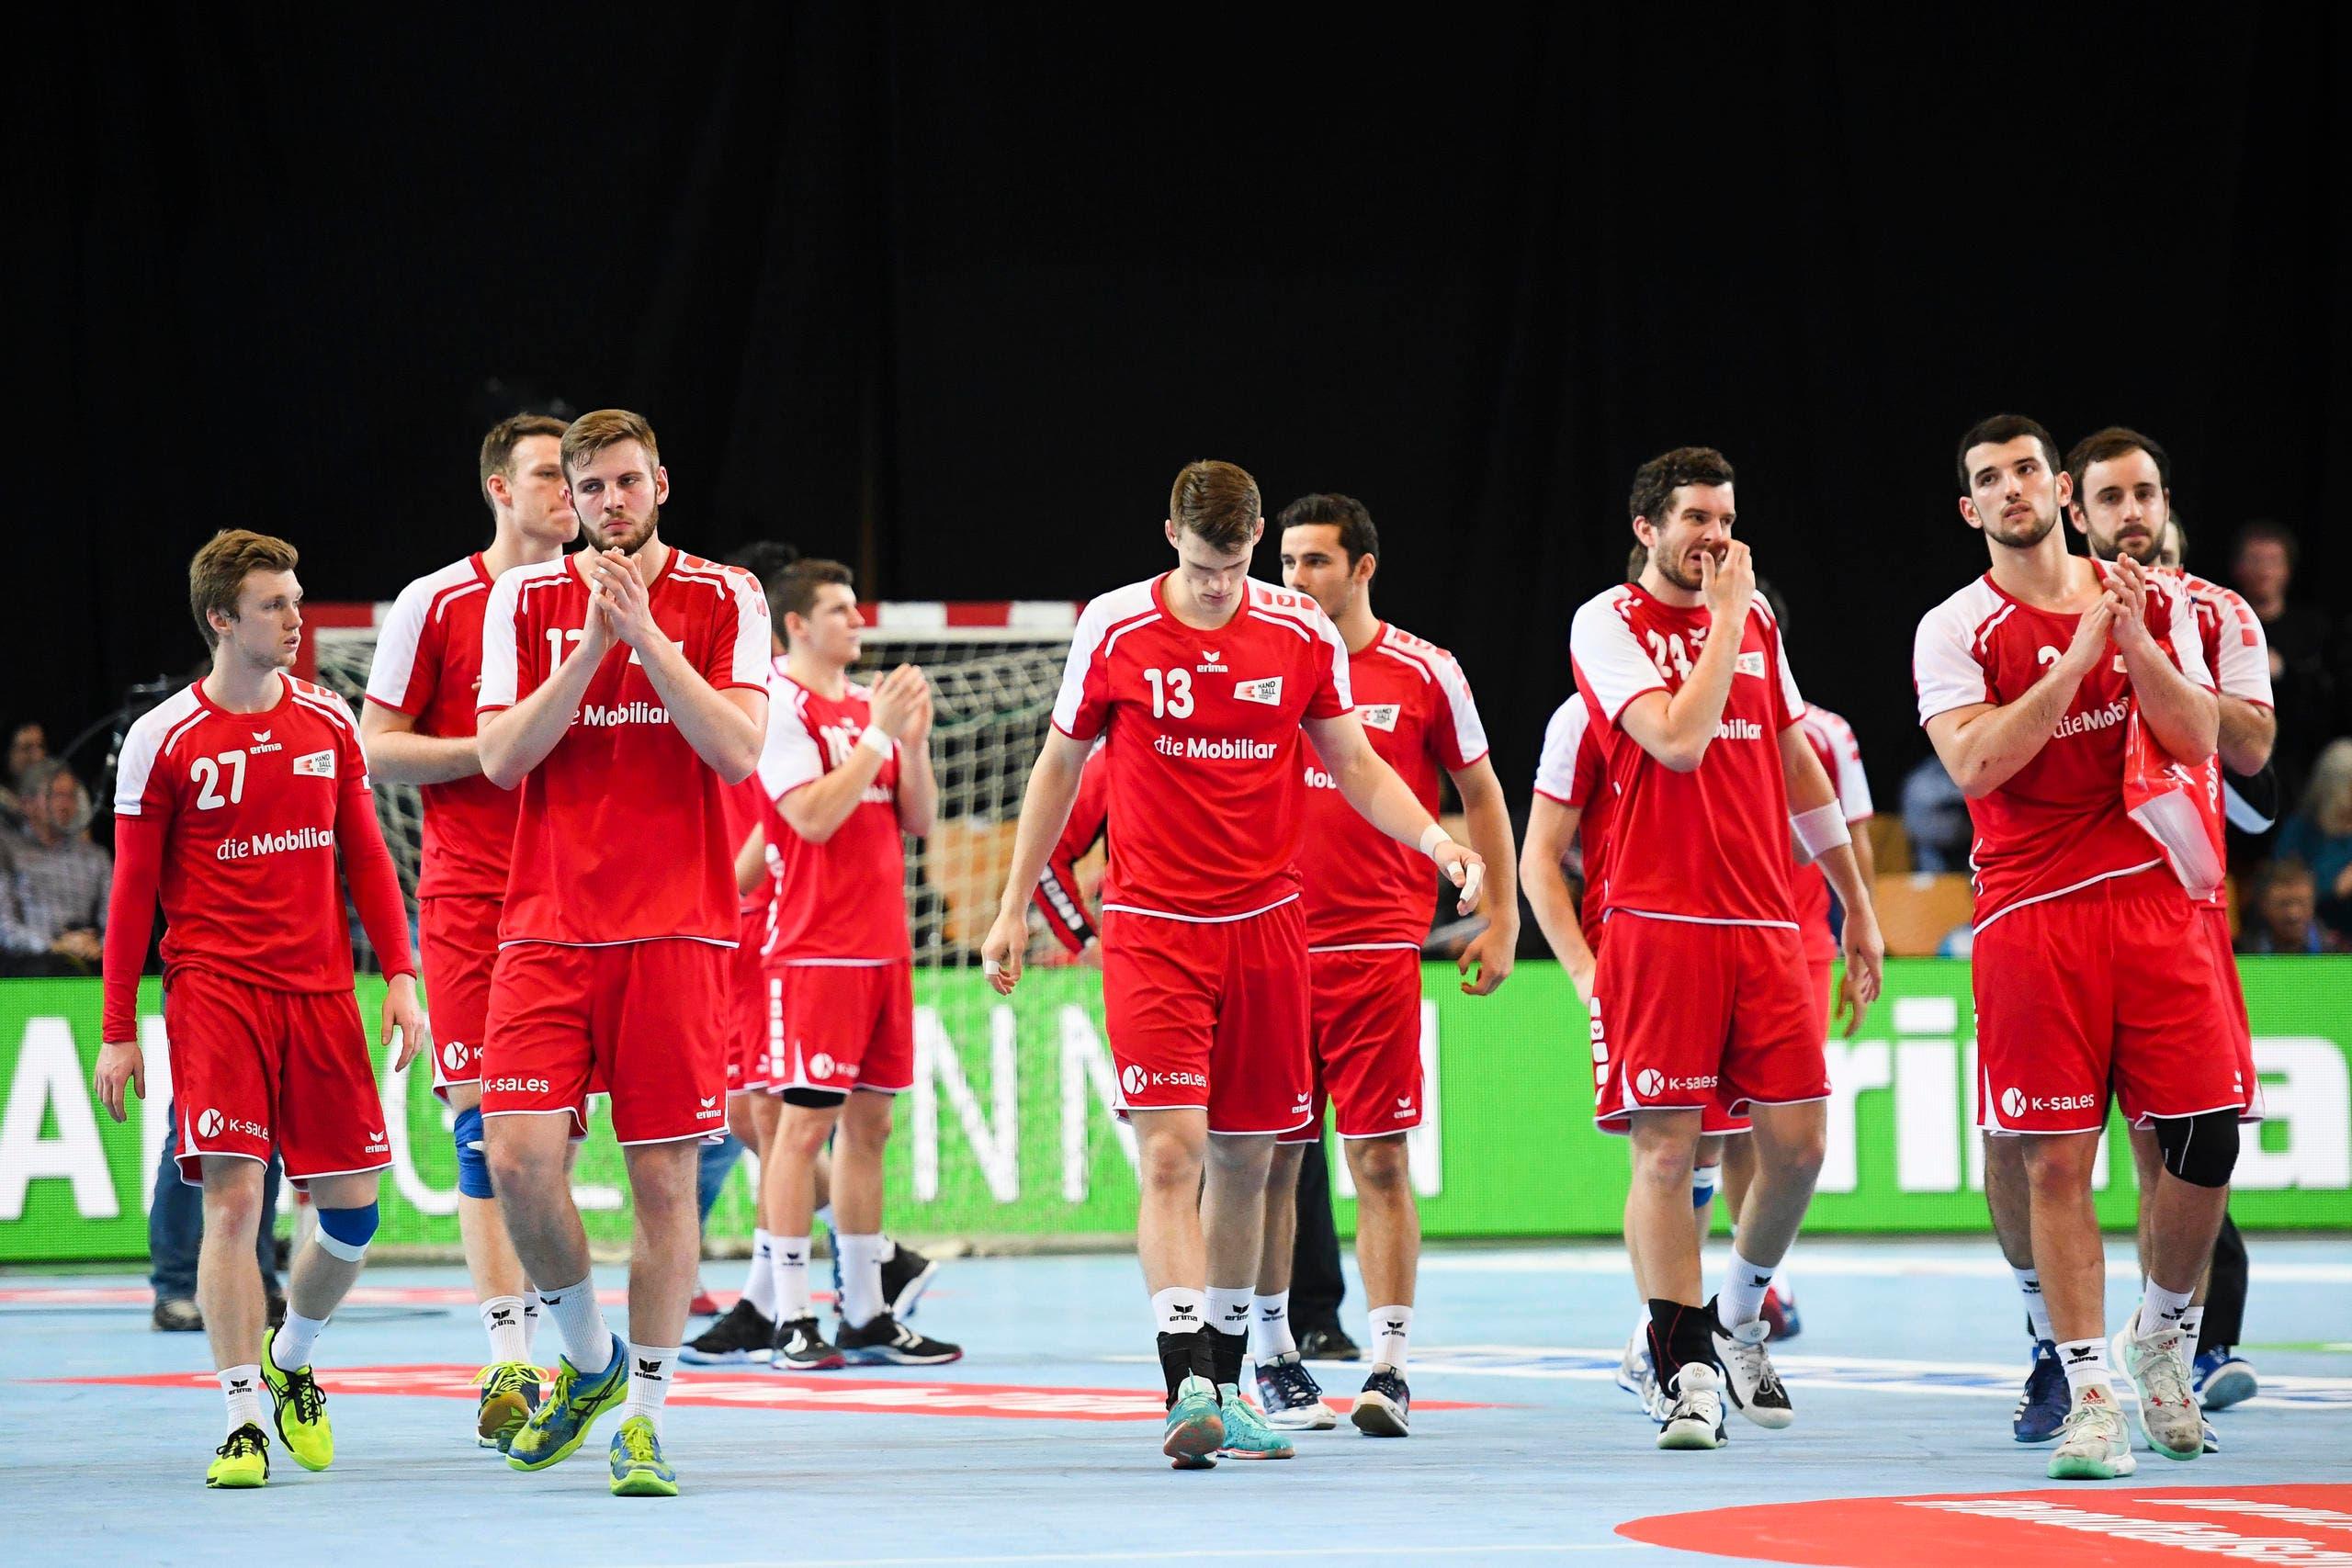 Enttäuschung bei den Schweizer Spieler nach Spielschluss. (Bild: Gian Ehrenzeller / Keystone)